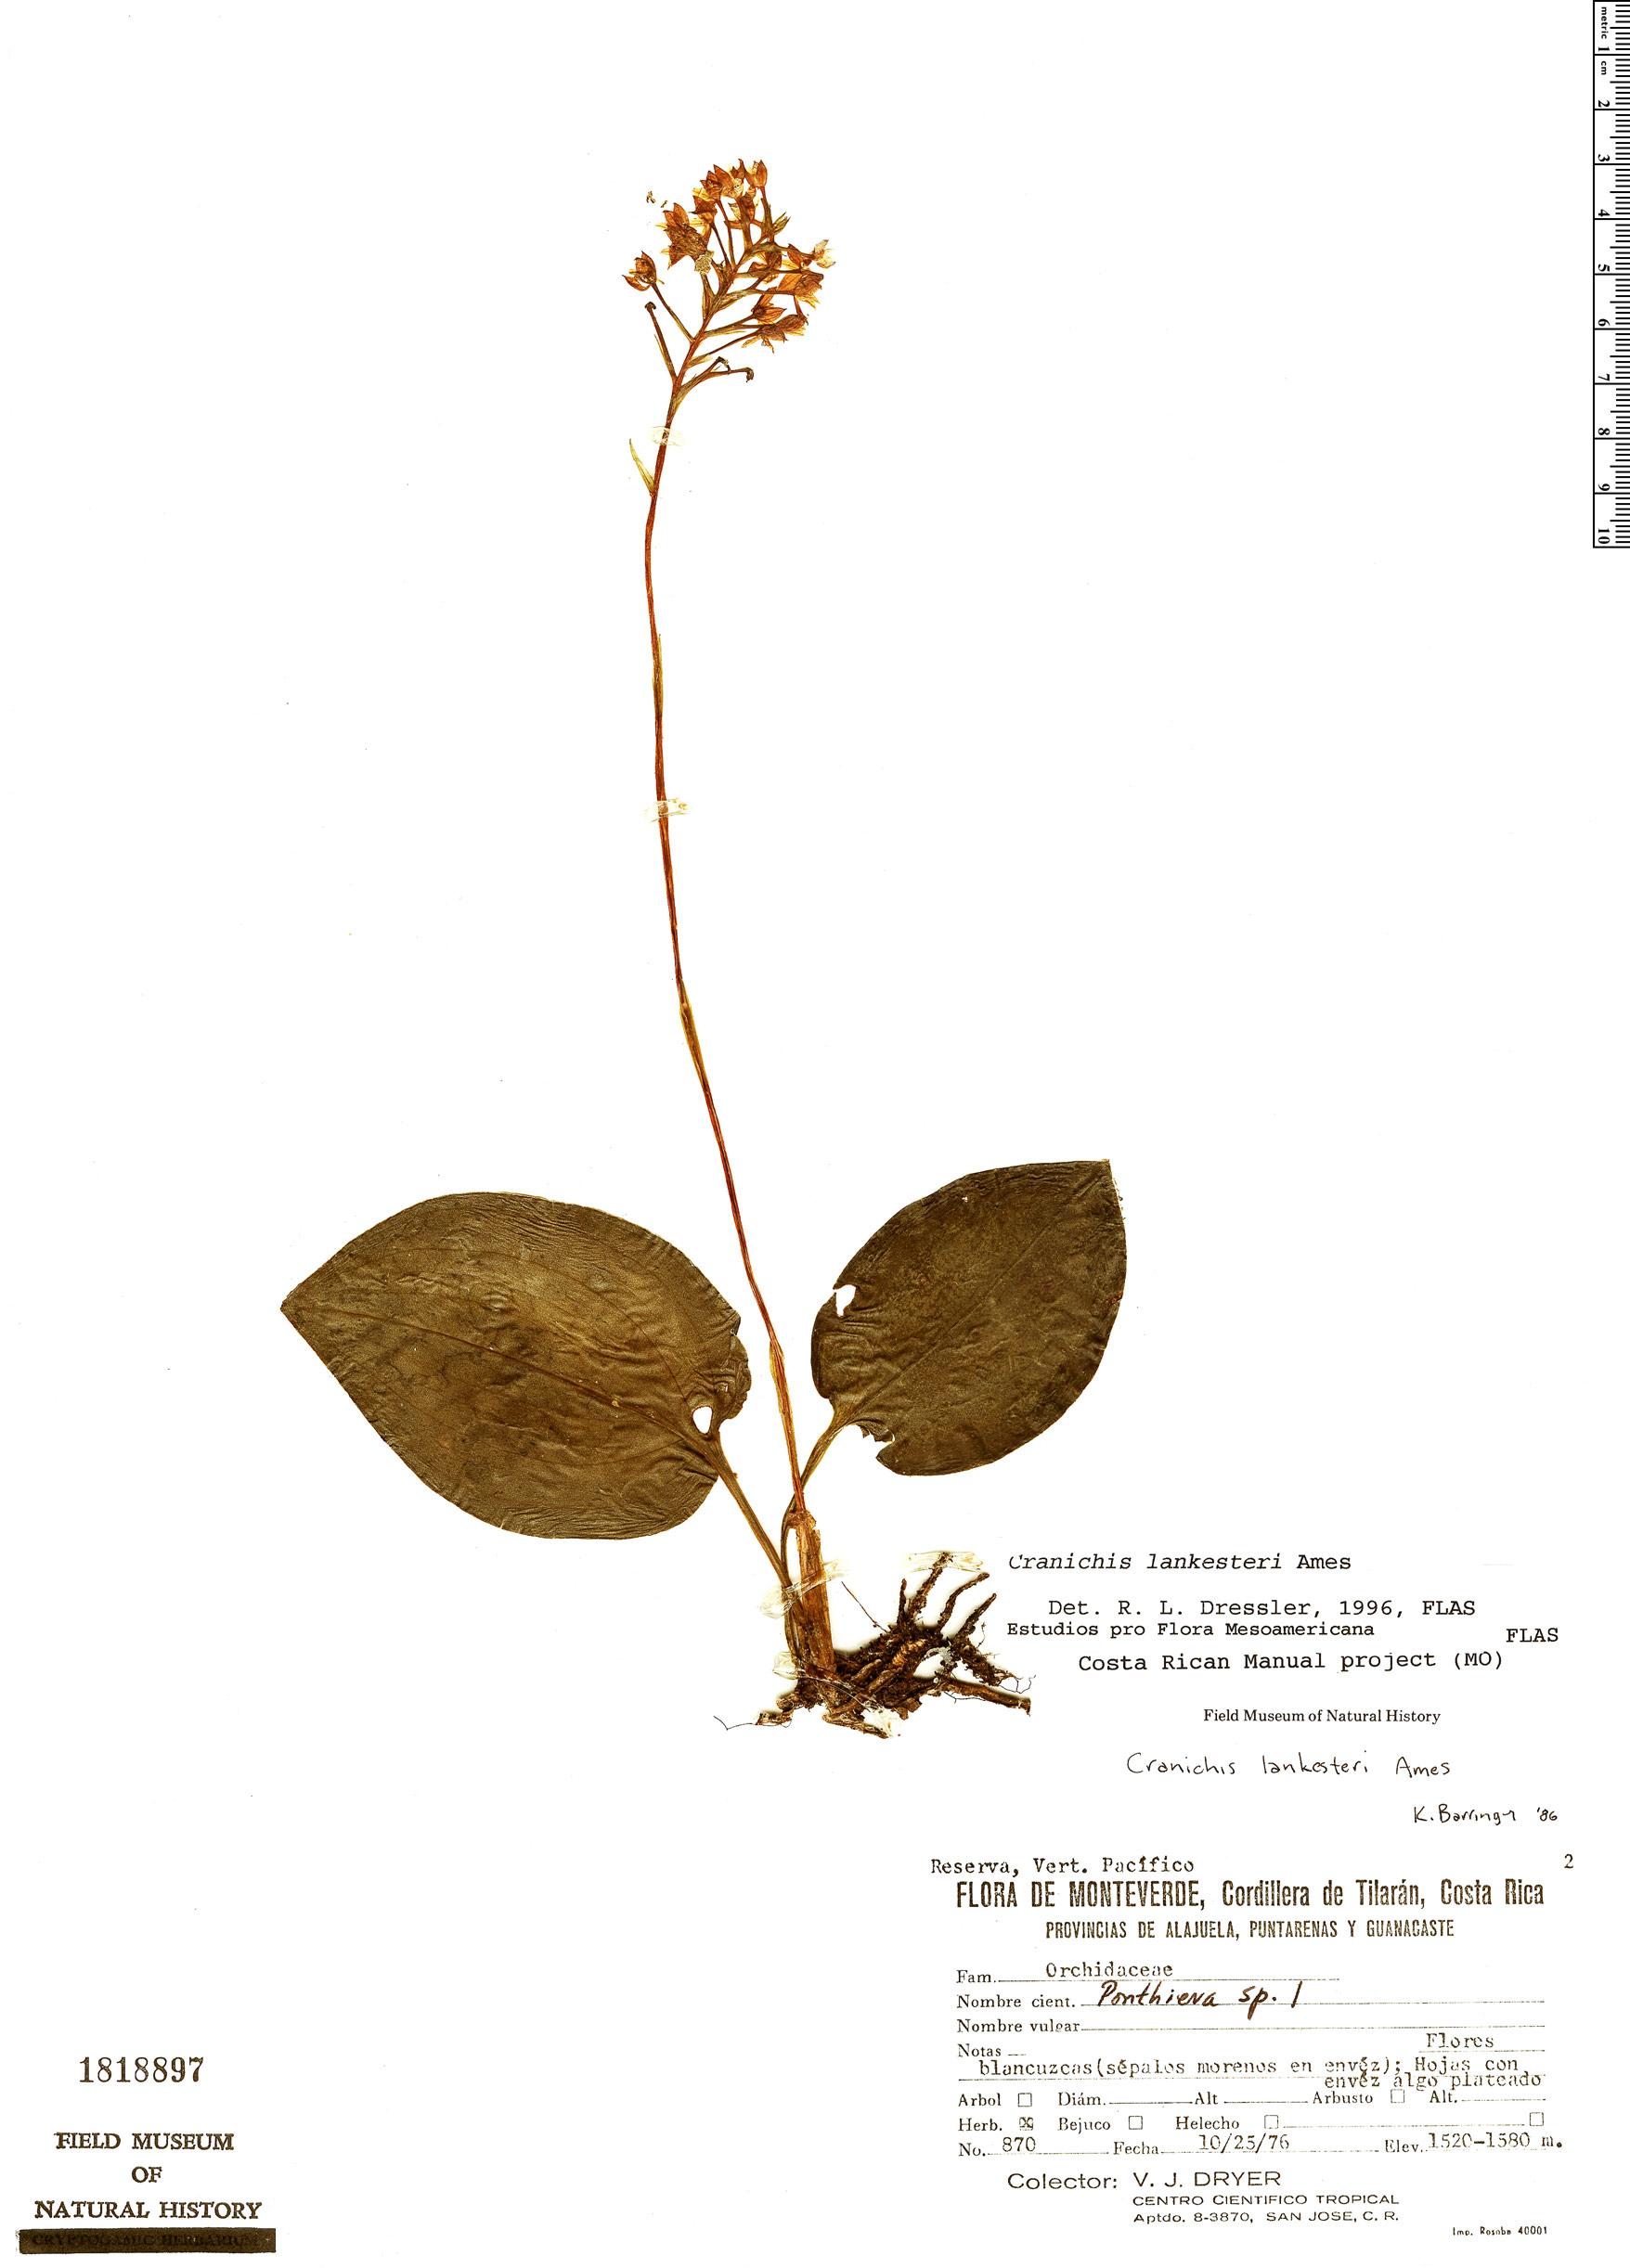 Specimen: Cranichis lankesteri